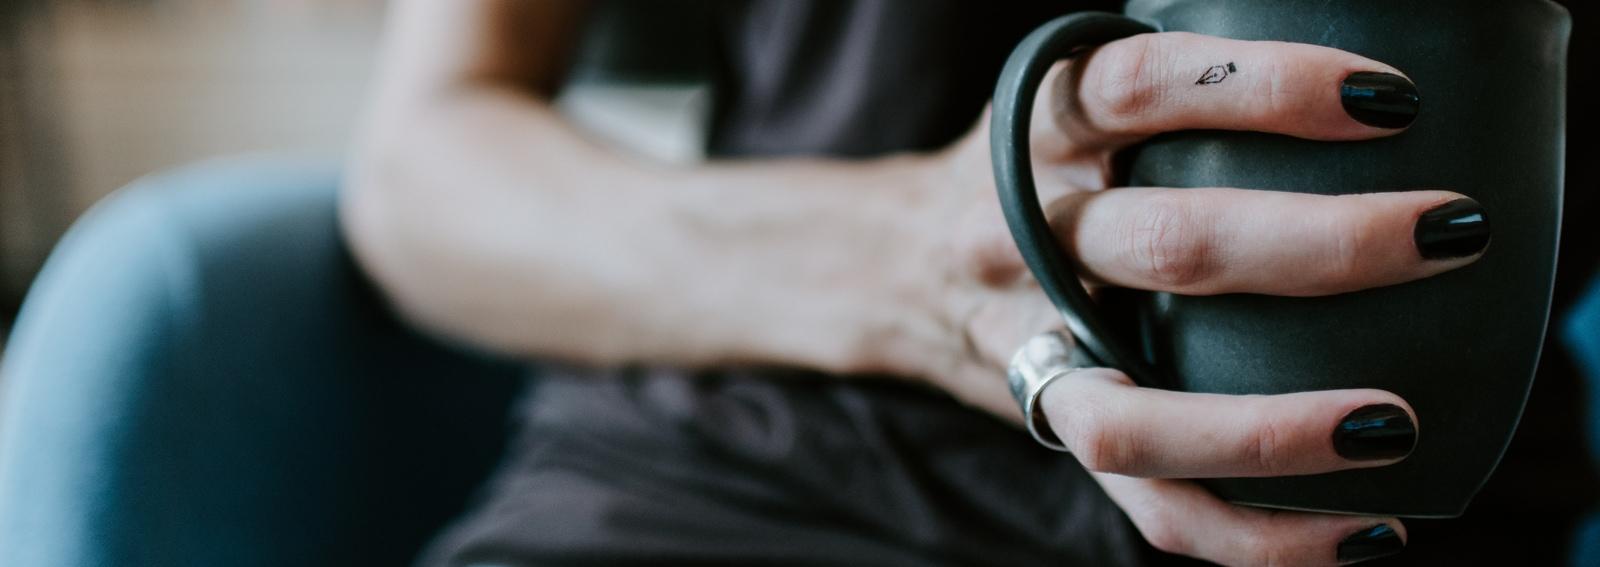 visore-tatuaggi-desk